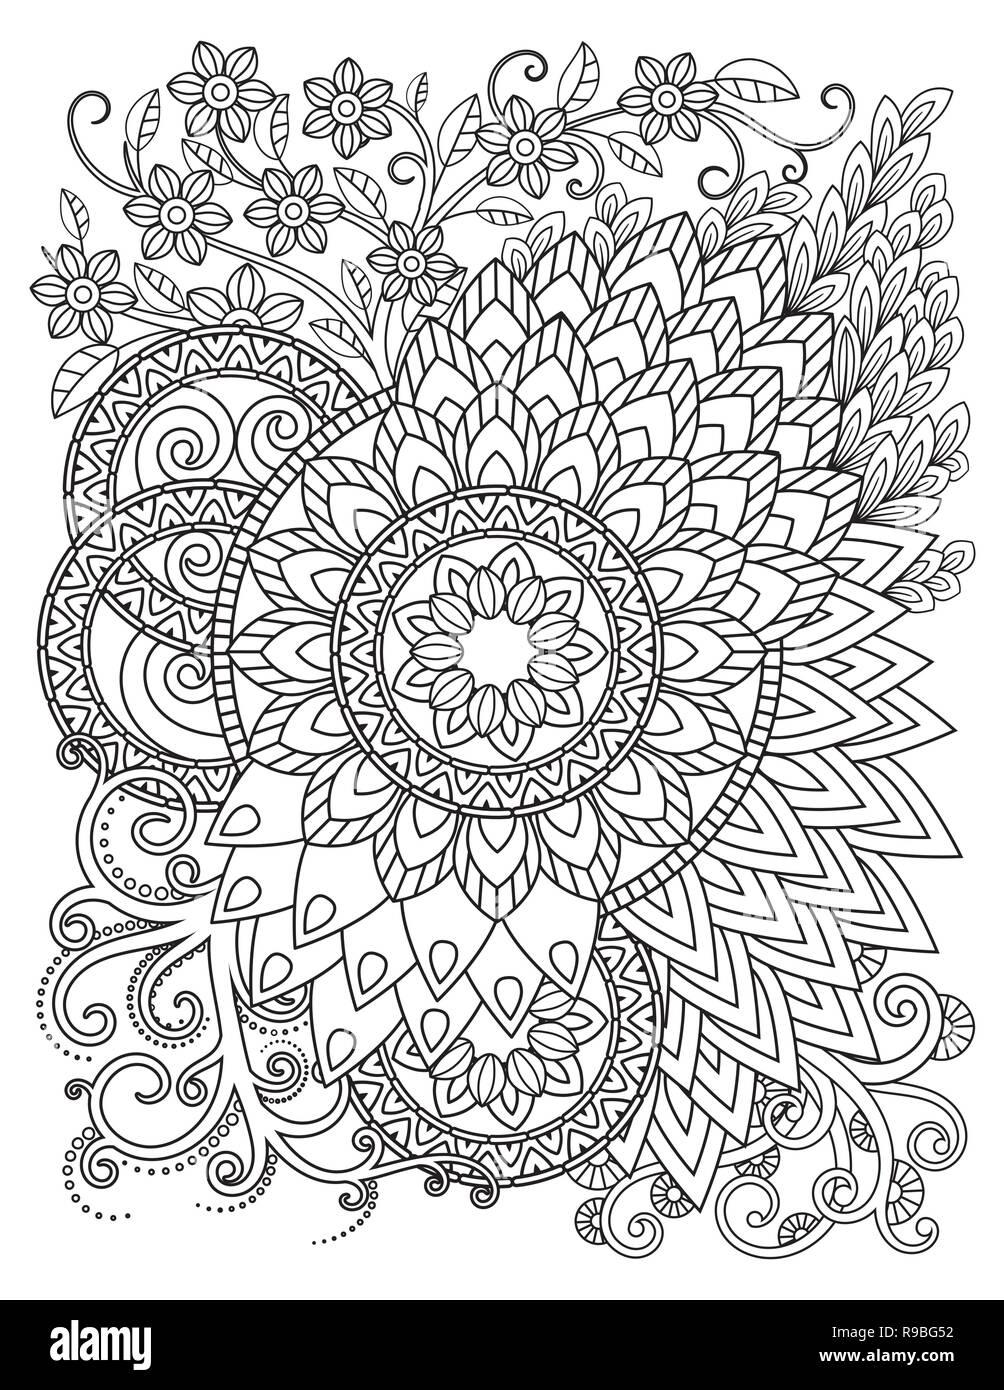 Coloriage Adulte Vintage.Modele De Mandala En Noir Et Blanc Livre De Coloriage Adultes Page